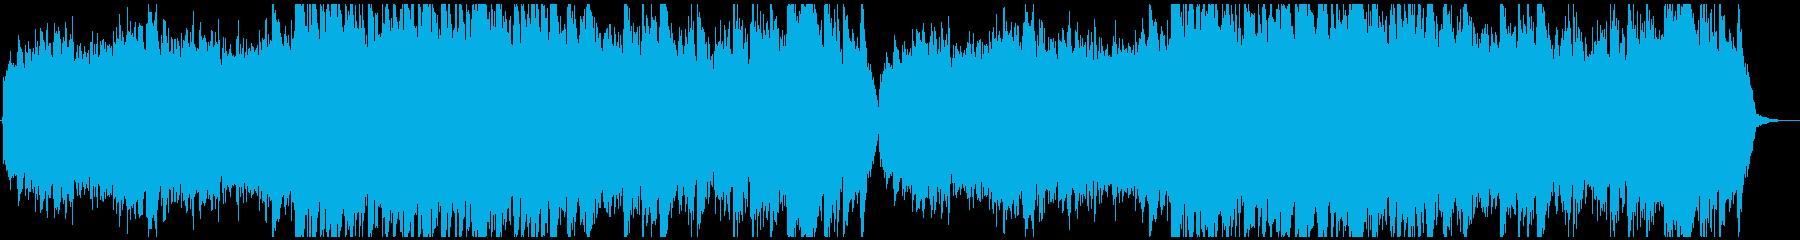 神秘的なダンジョンBGMの再生済みの波形